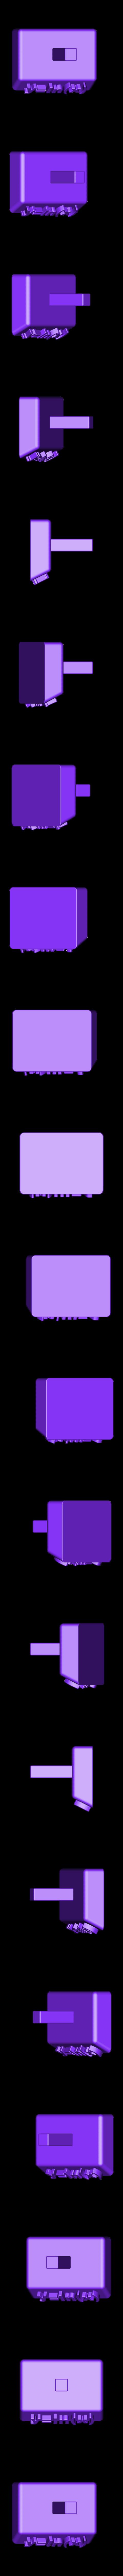 Function_Stickman_ylnx_bottom.stl Télécharger fichier STL gratuit Dancing Function Stickmen • Plan pour impression 3D, Chrisibub